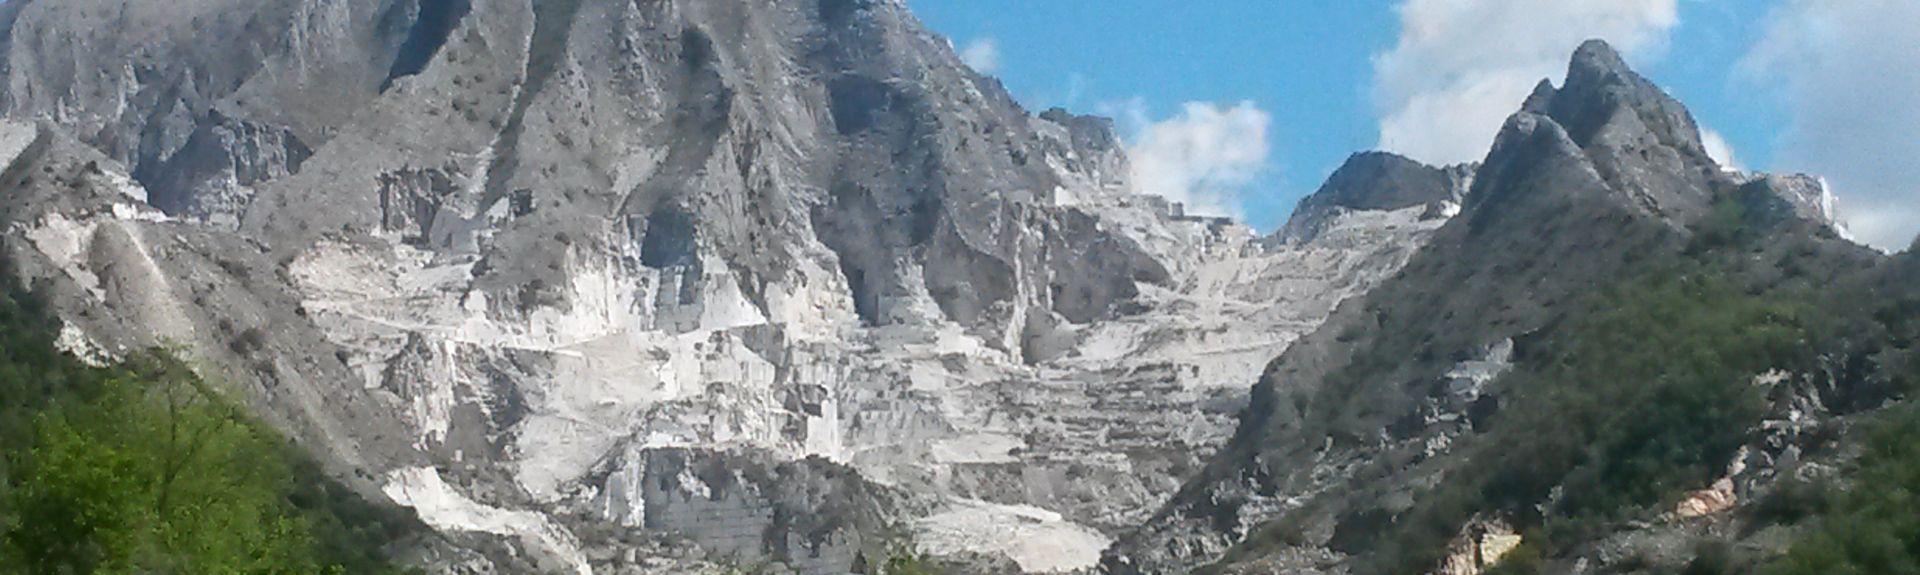 Λα Σπέτσια, Λα Σπέτσια, Λιγκούρια, Ιταλία